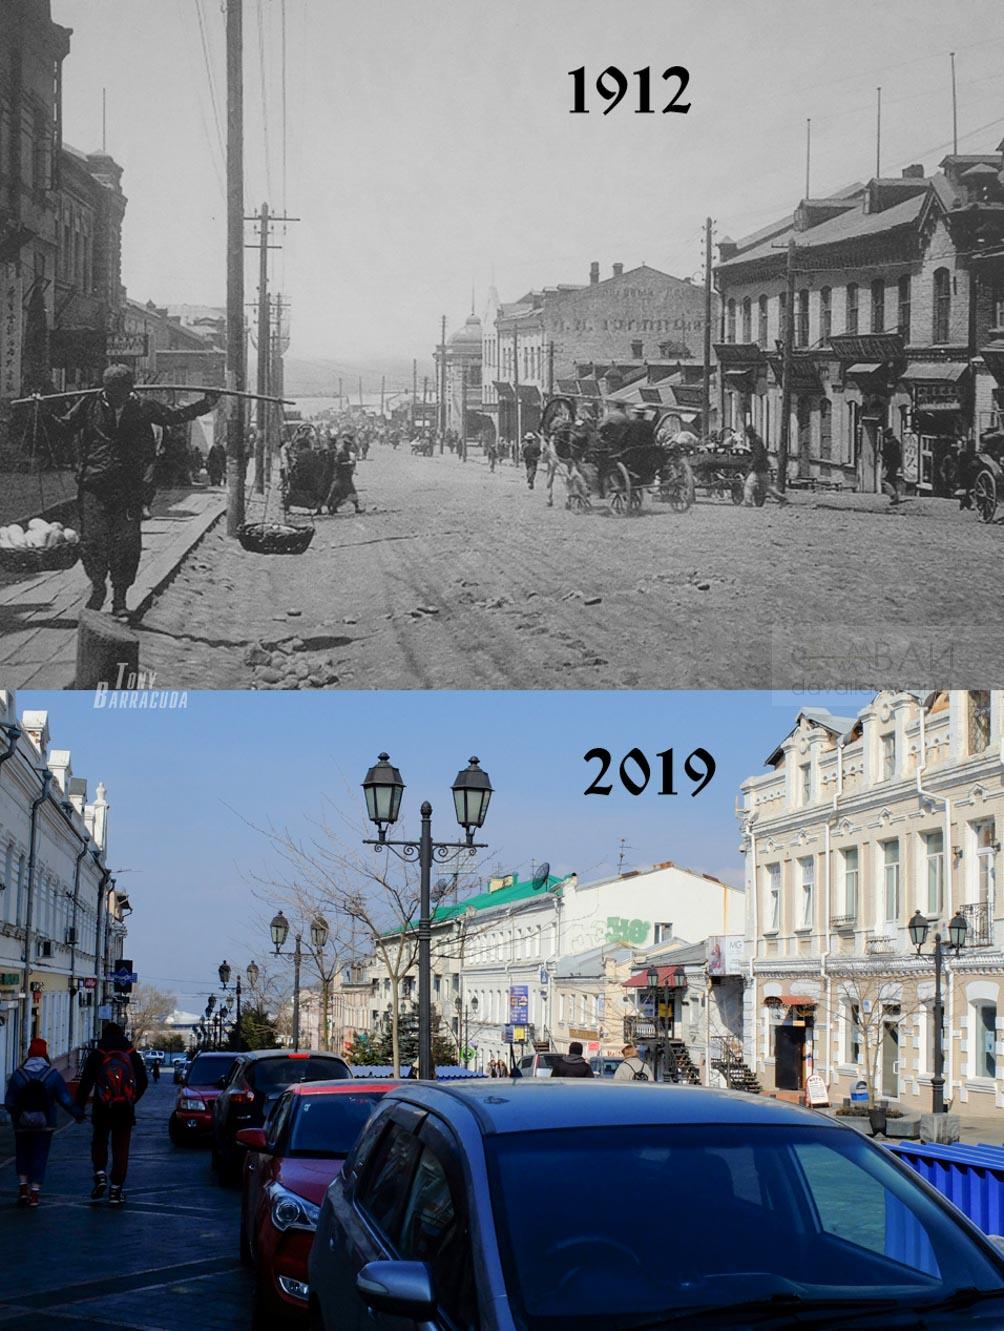 ул пекинская арбат владивсоток старое фото сравнение